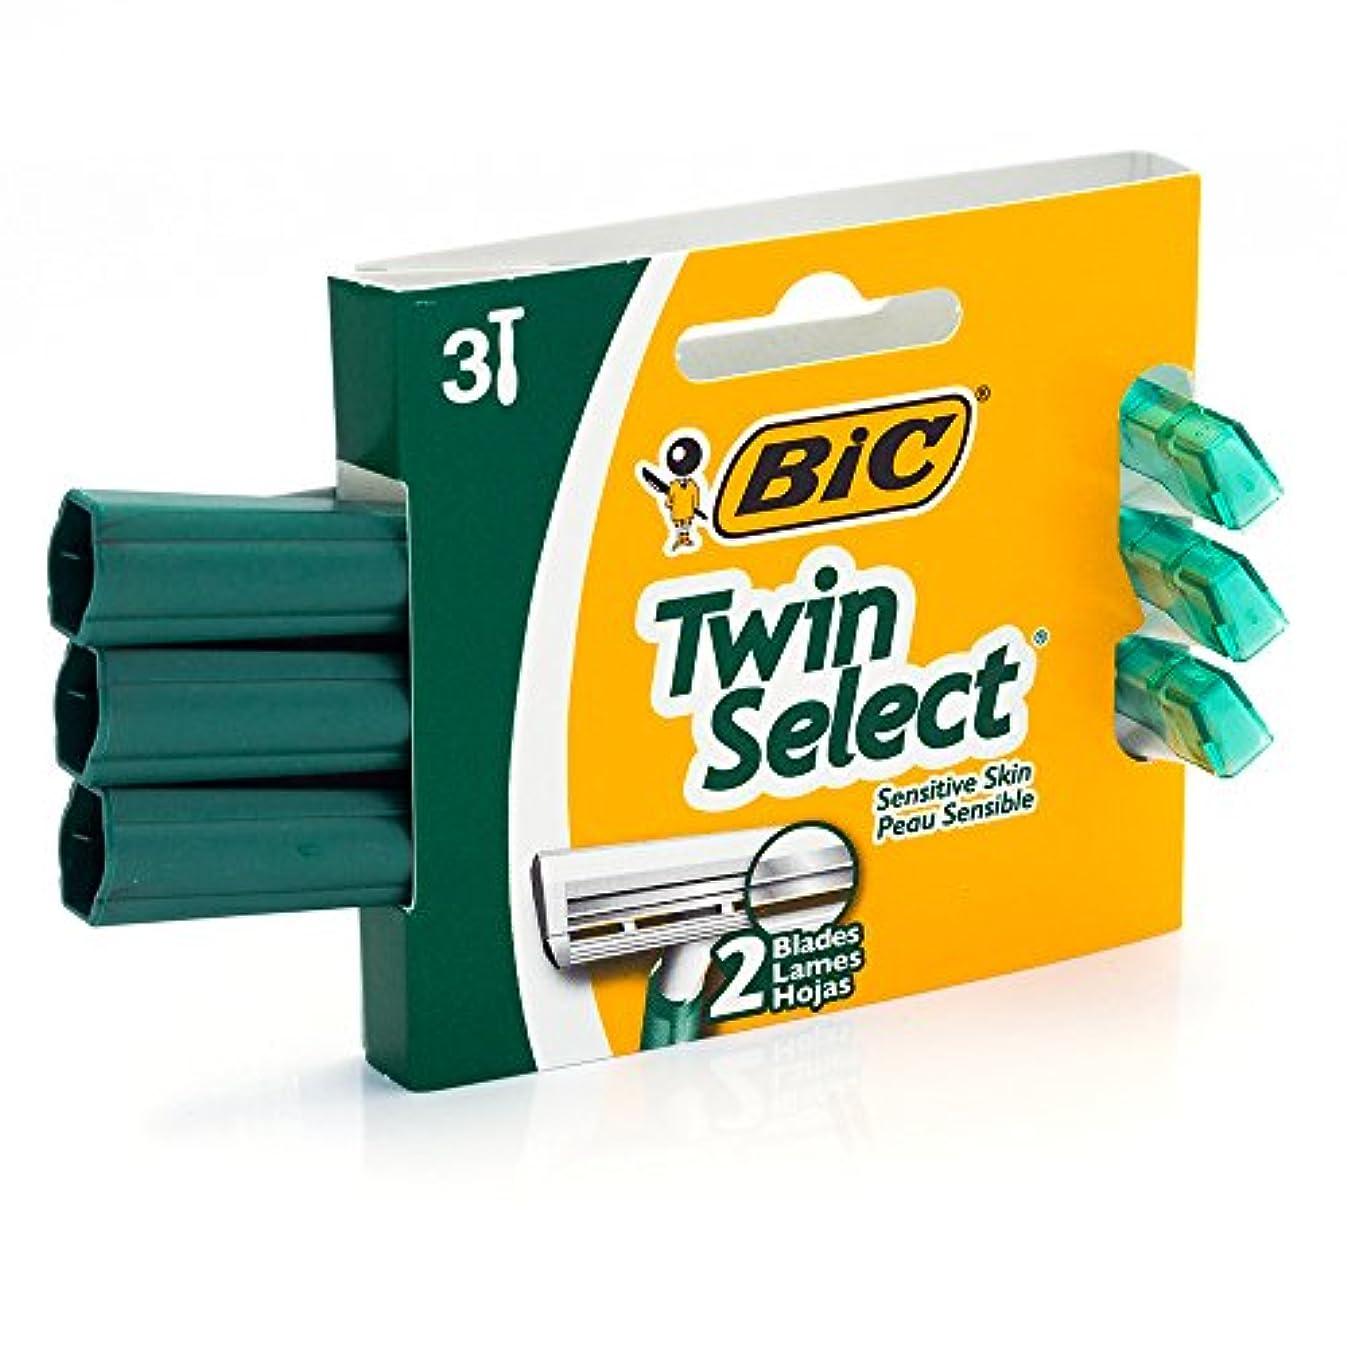 ボーナス寮直立BIC ビックカメラツインセレクト敏感肌、3カウント(4パック)